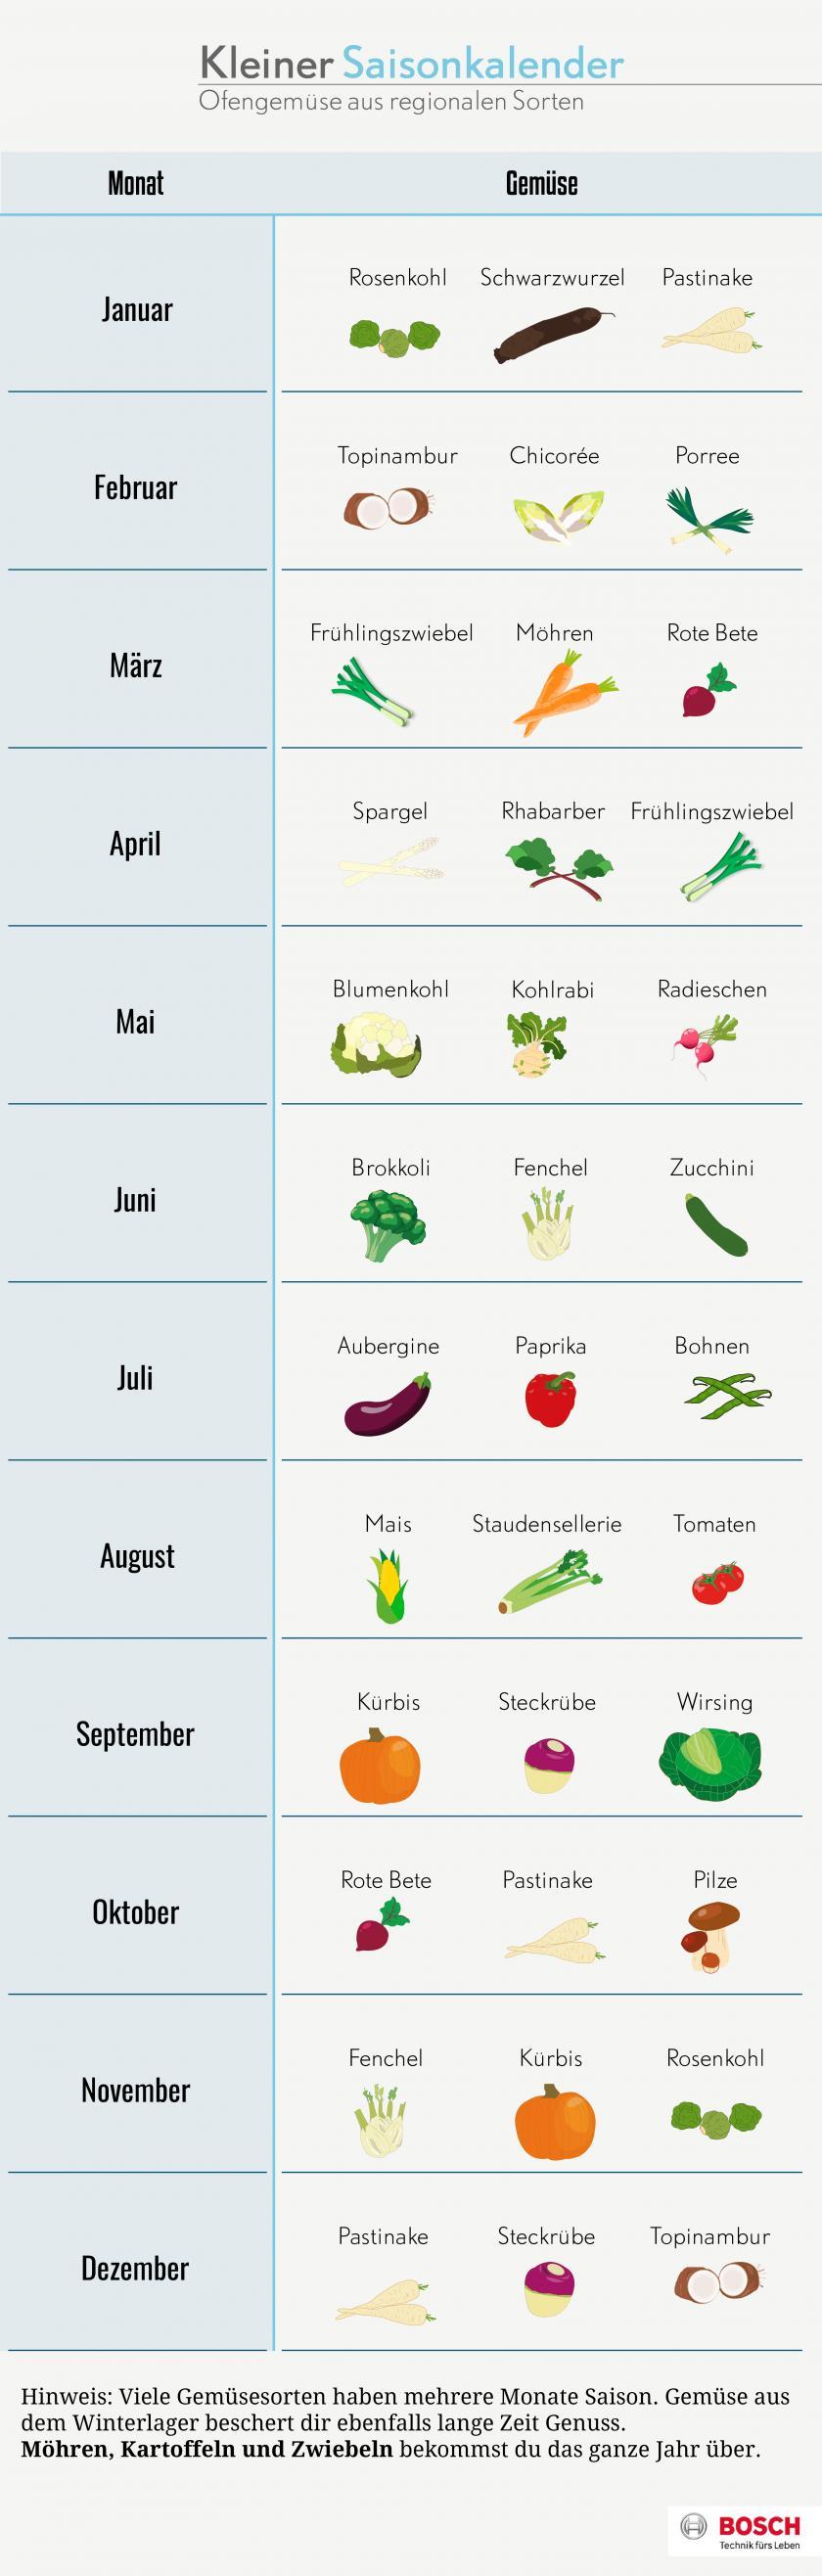 Saisonkalender für Ofengemüse.